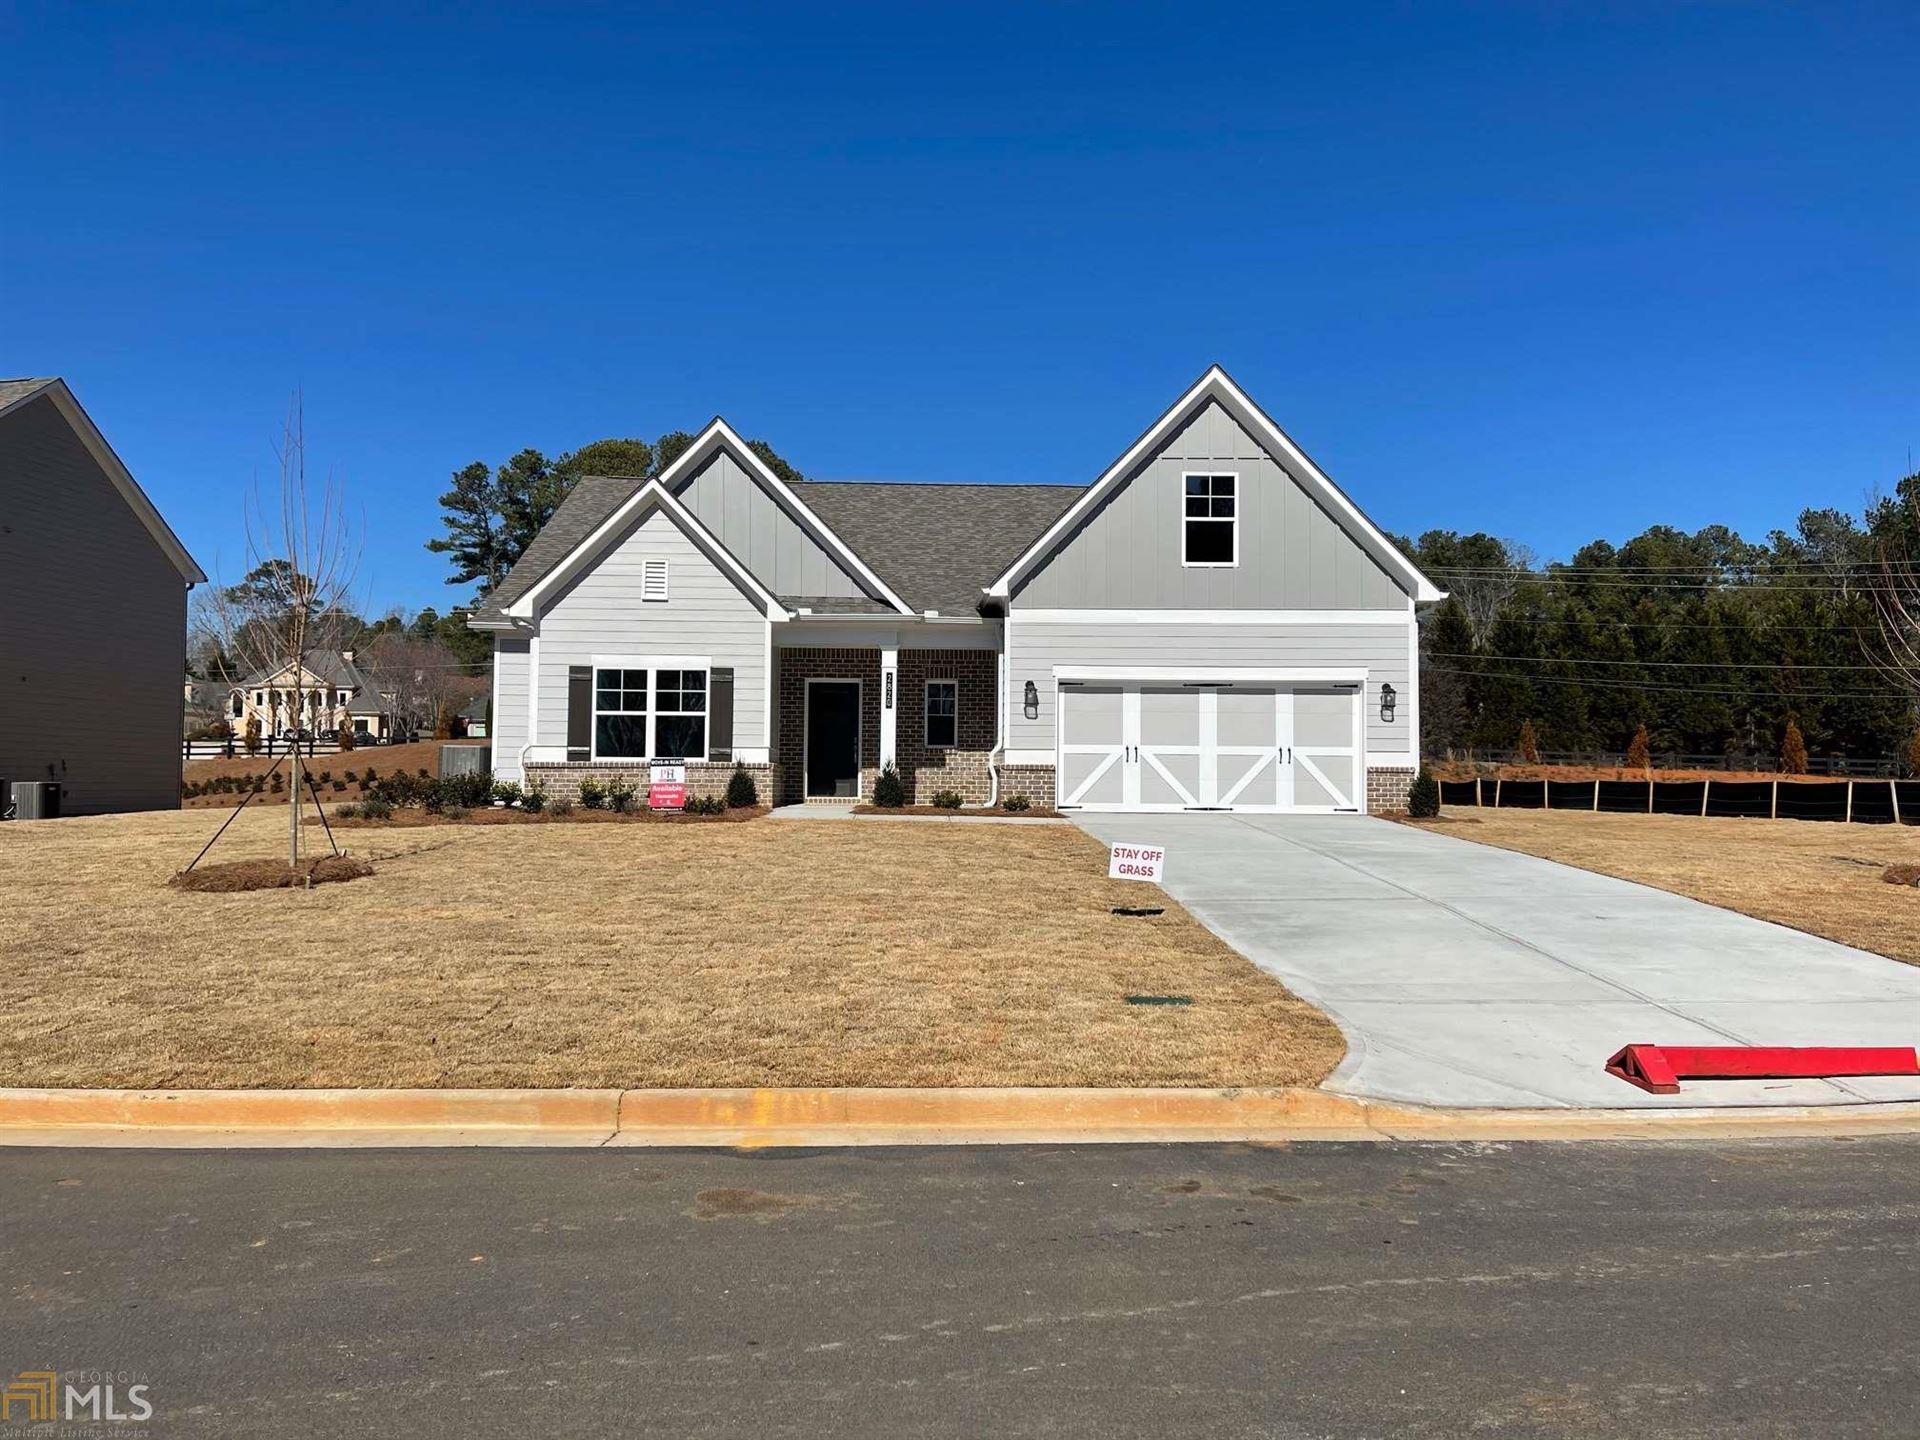 2820 Blandwood Rd, Marietta, GA 30064 - MLS#: 8836589